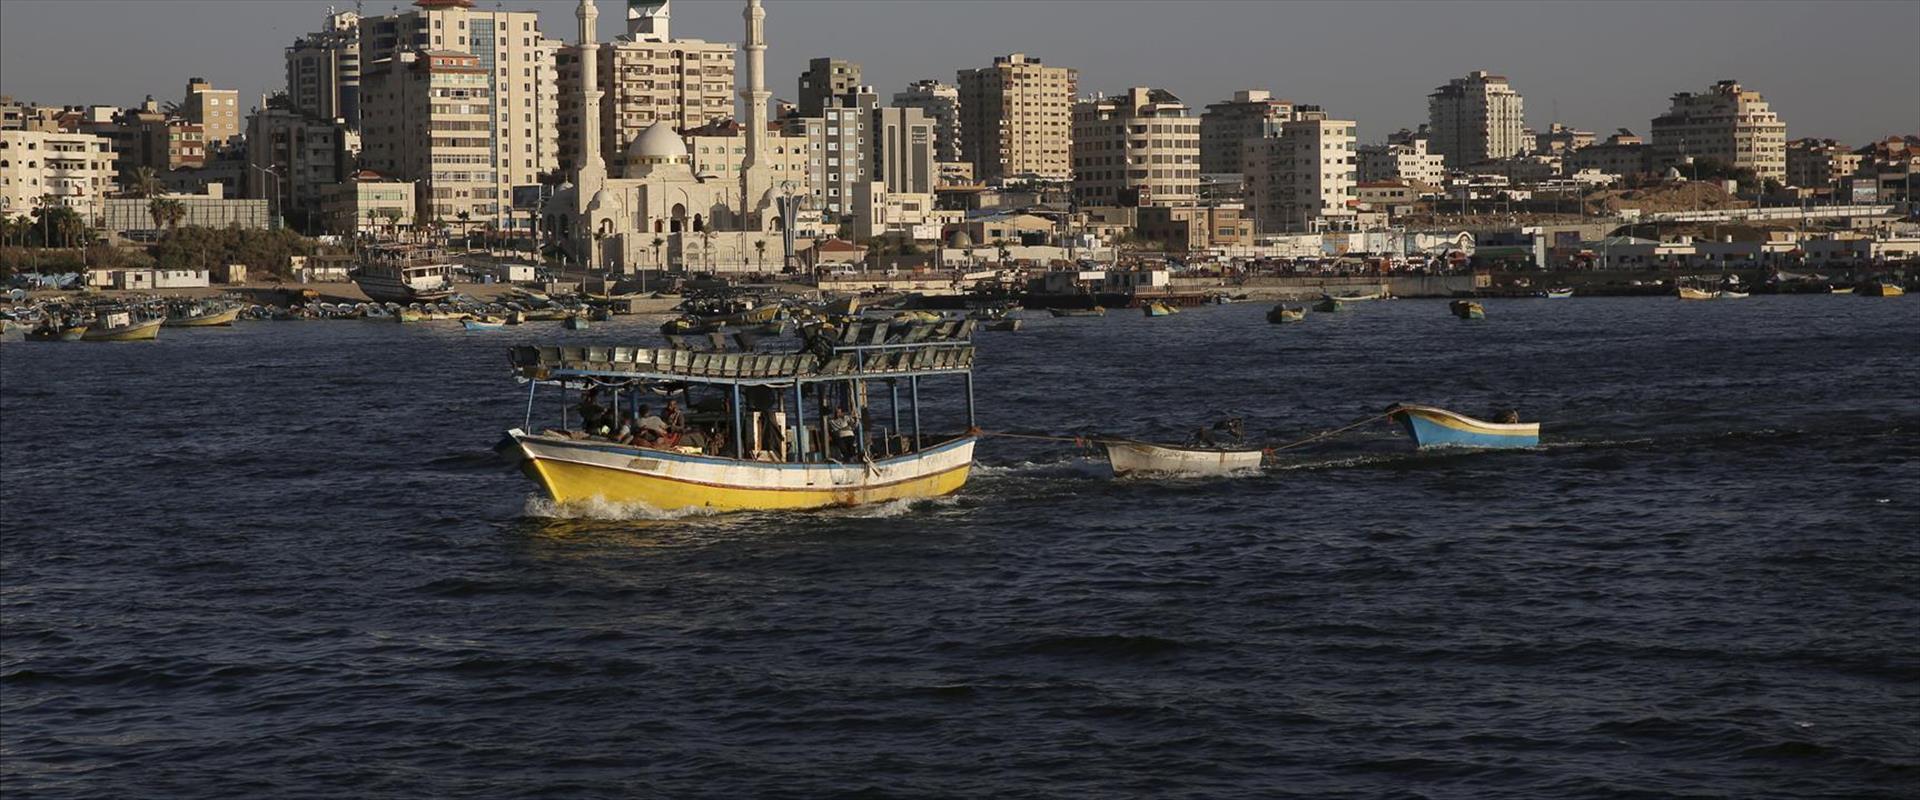 סירות דיג של פלסטינים ברצועת עזה